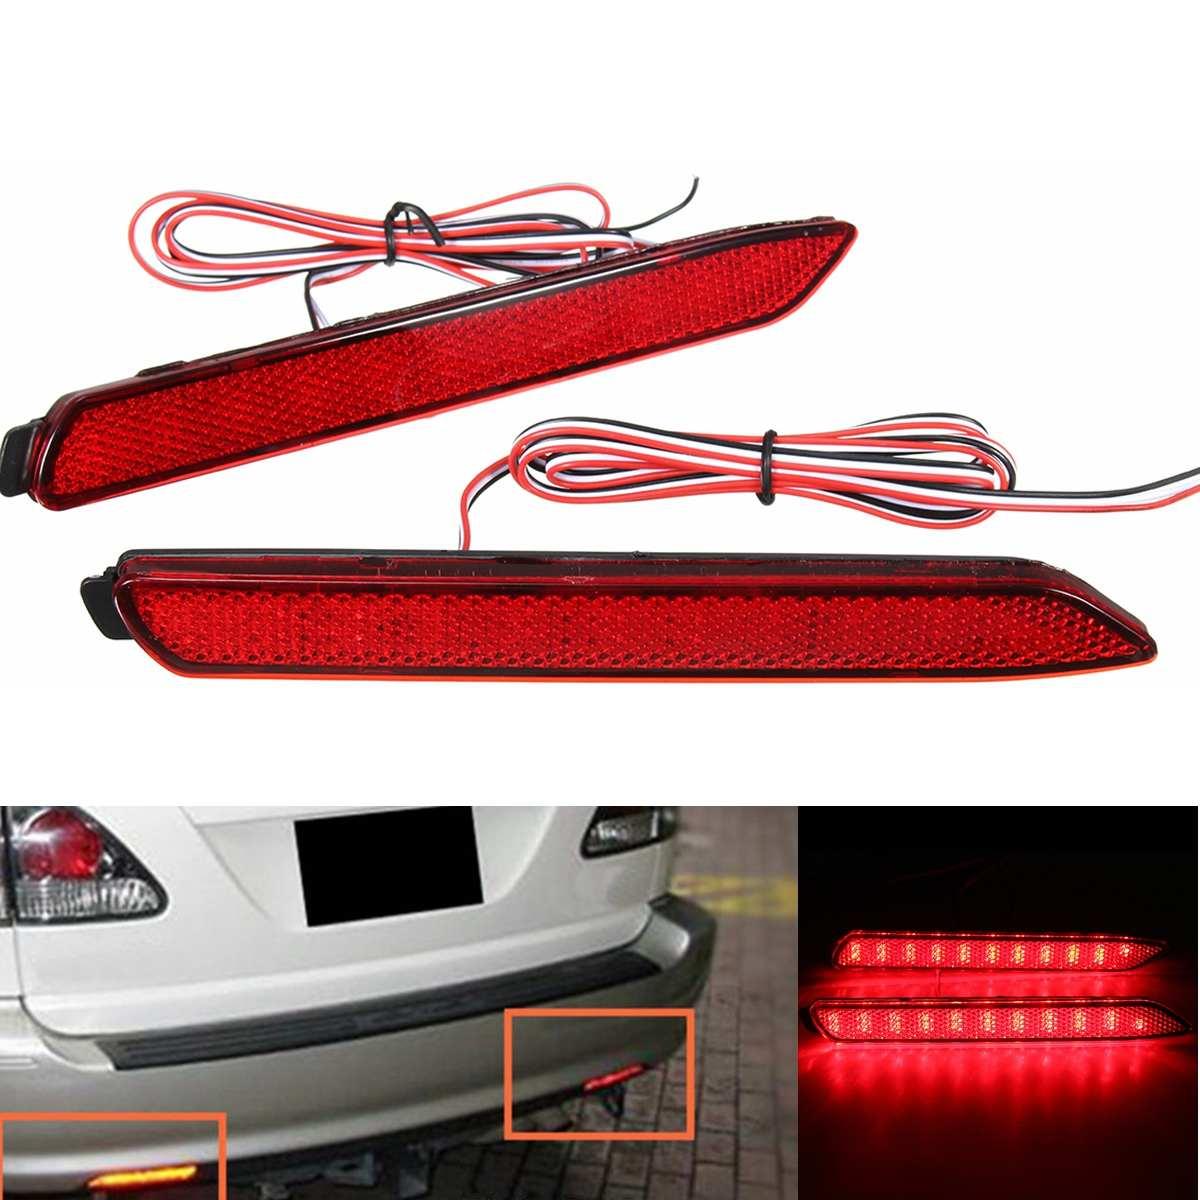 Um par de carro traseiro cauda pára-choques luzes led para lexus IS-F gx470 rx300 led traseiro pára-choques refletor luzes de freio estilo oem lente vermelha